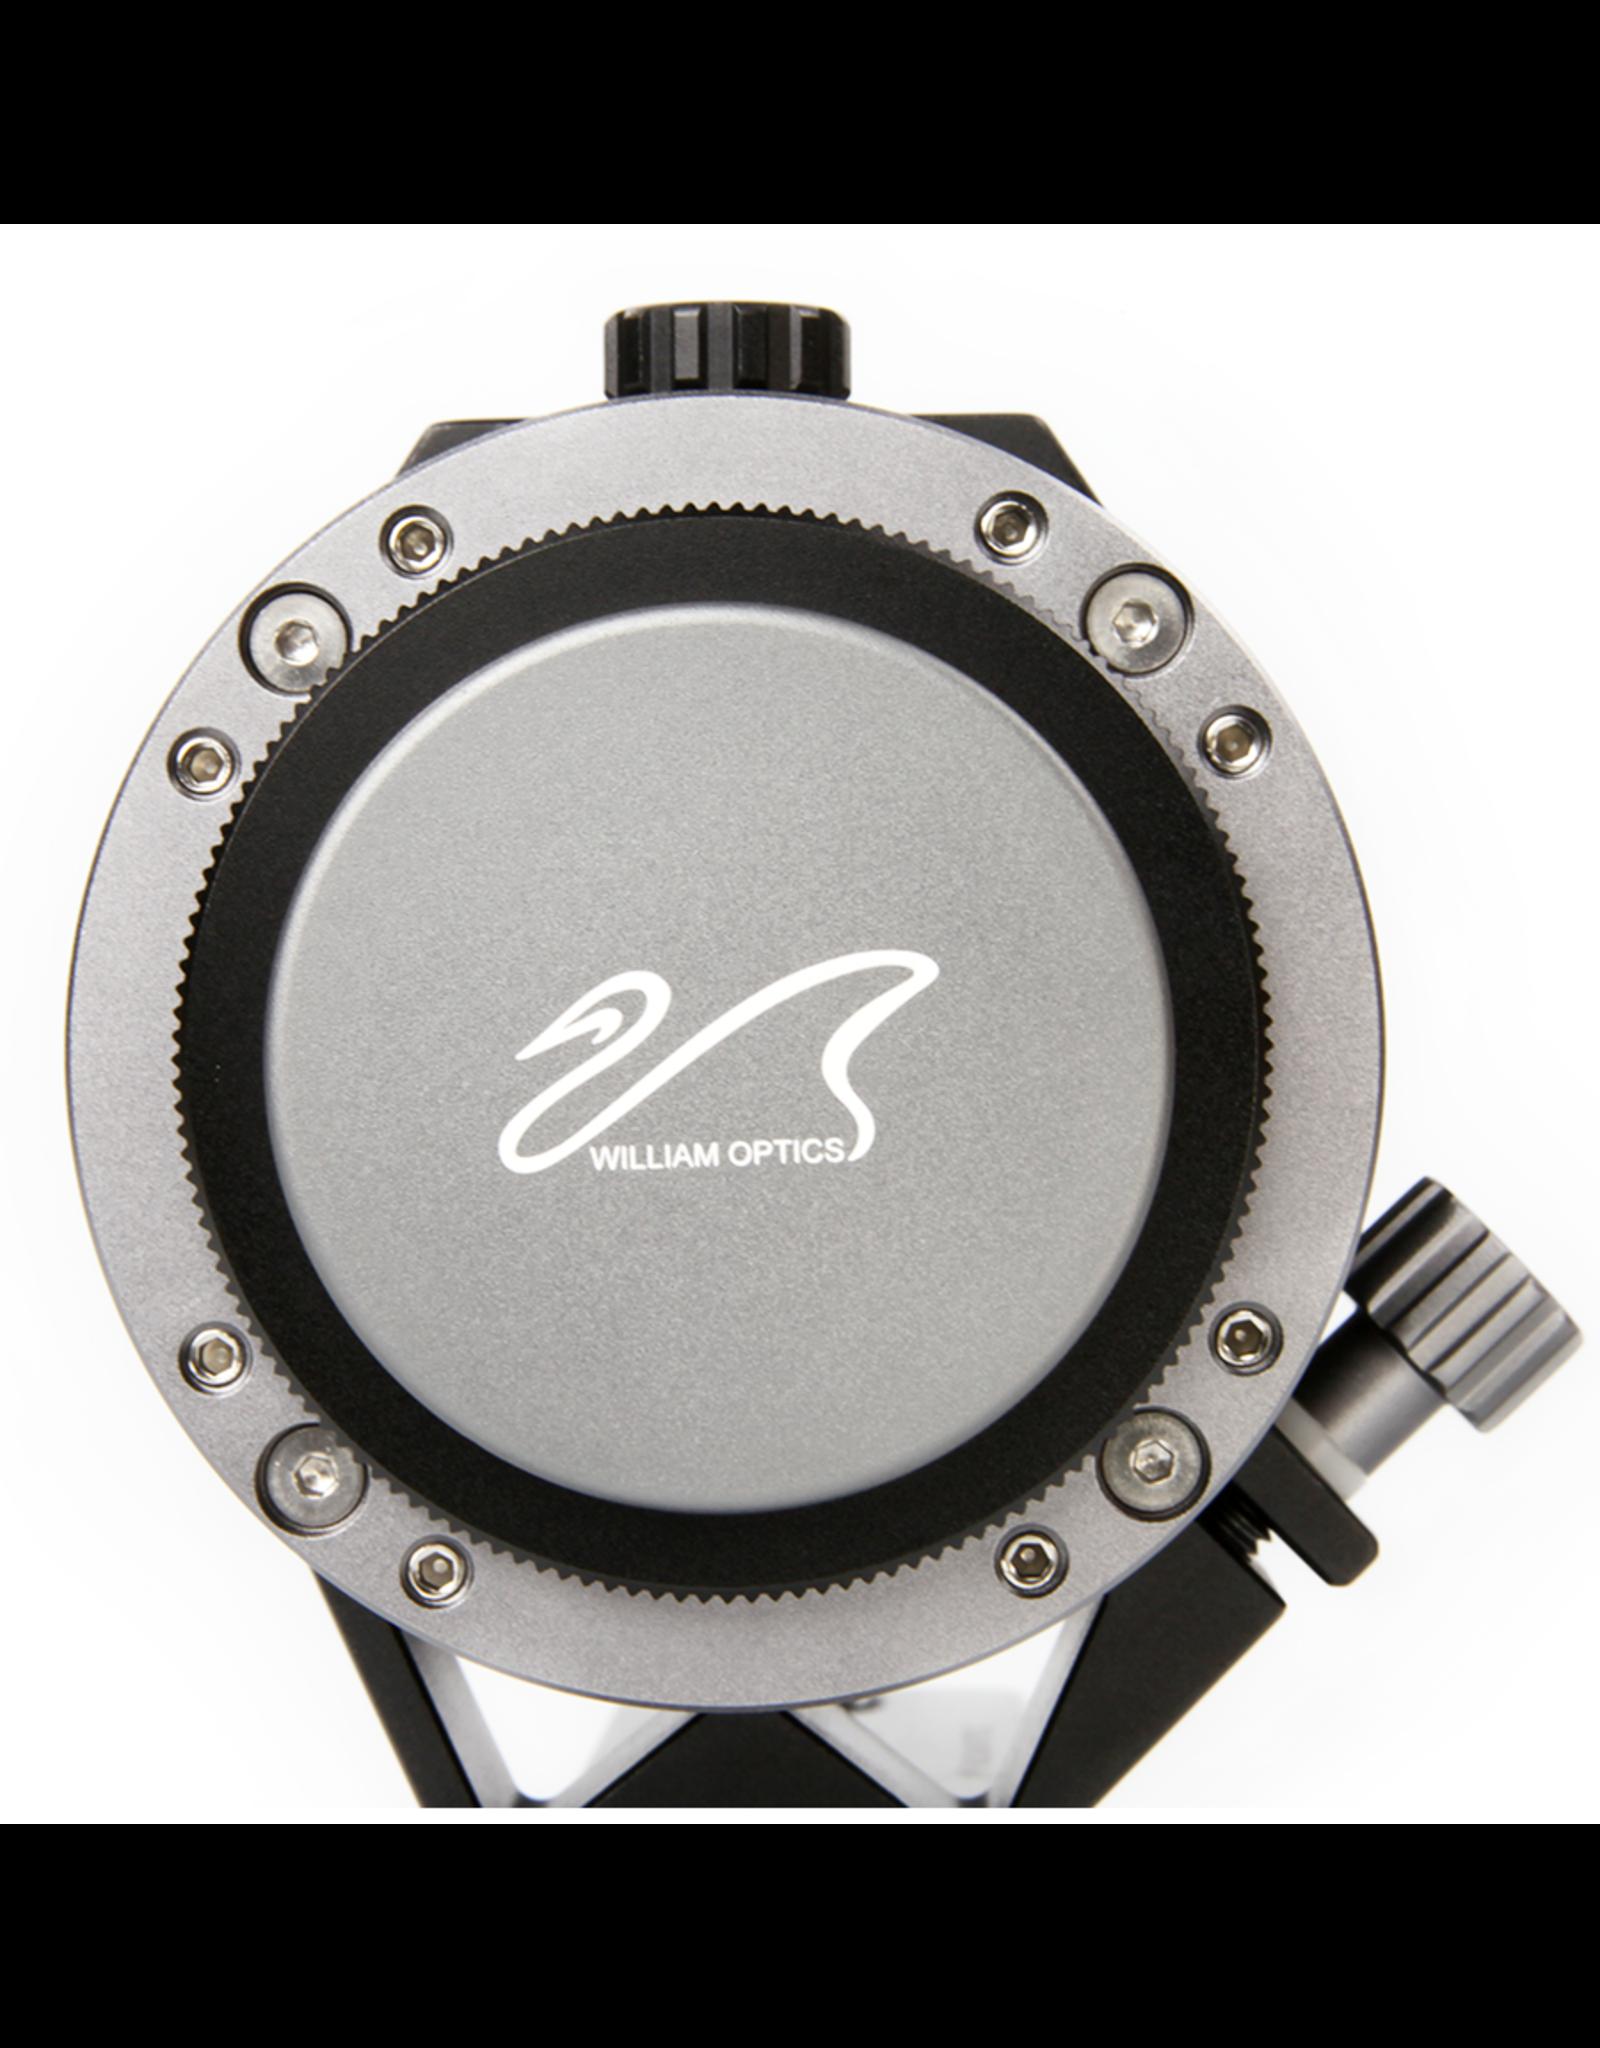 William Optics William Optics SpaceCat 51 APO 250mm f/4.9 (1.5 Generation)